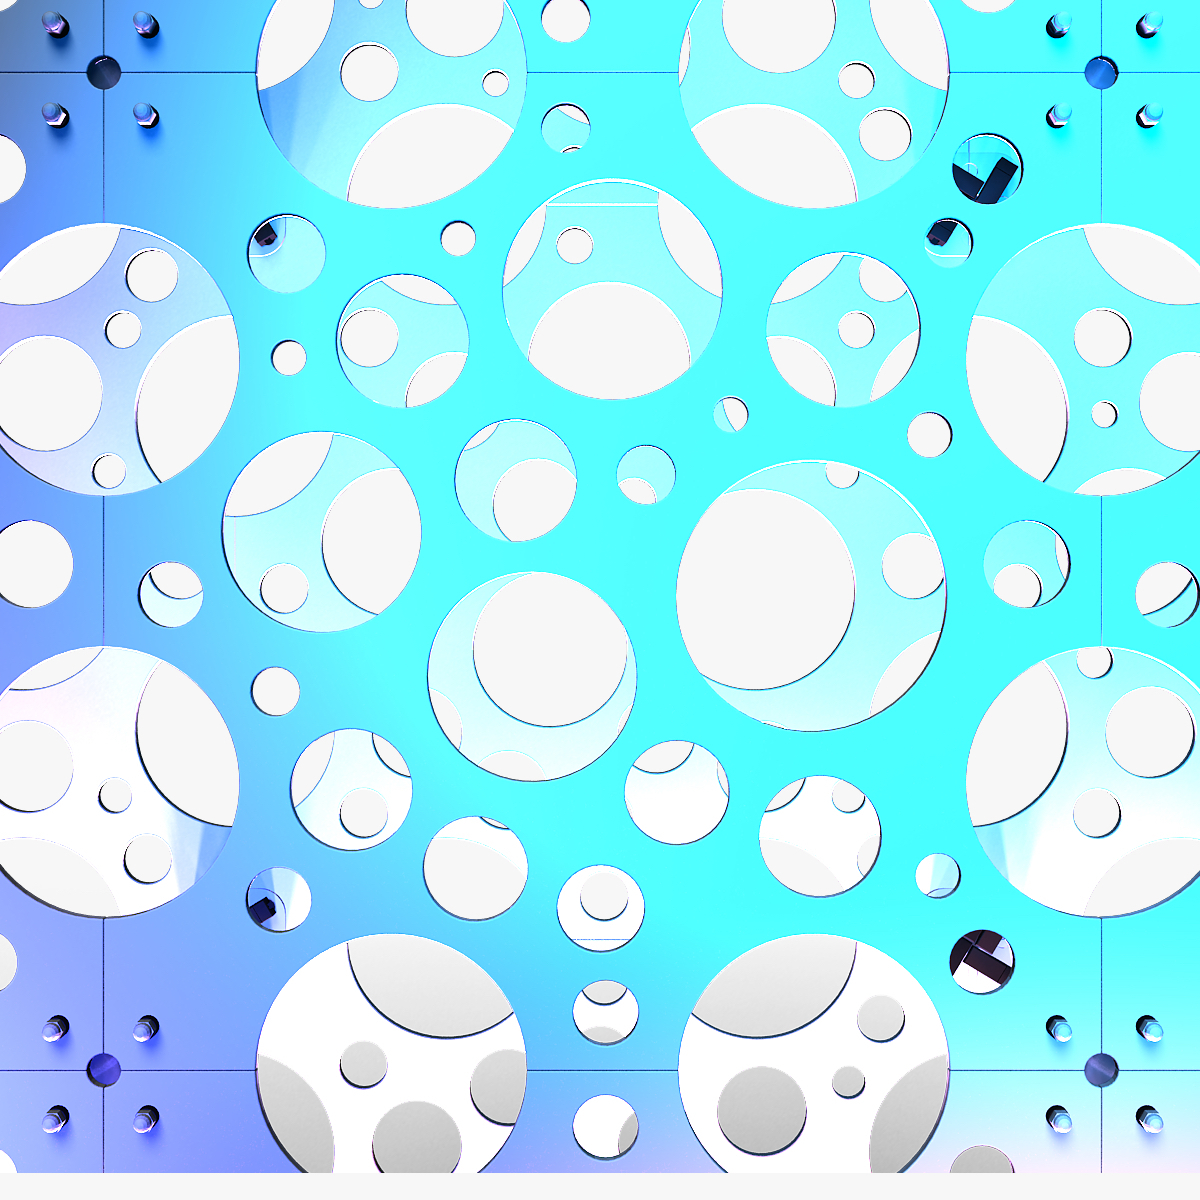 70-02-07-1200x1200.jpg Télécharger fichier STL Collection de décors de scène 01 (Modulaire 9 pièces) • Design pour imprimante 3D, akerStudio